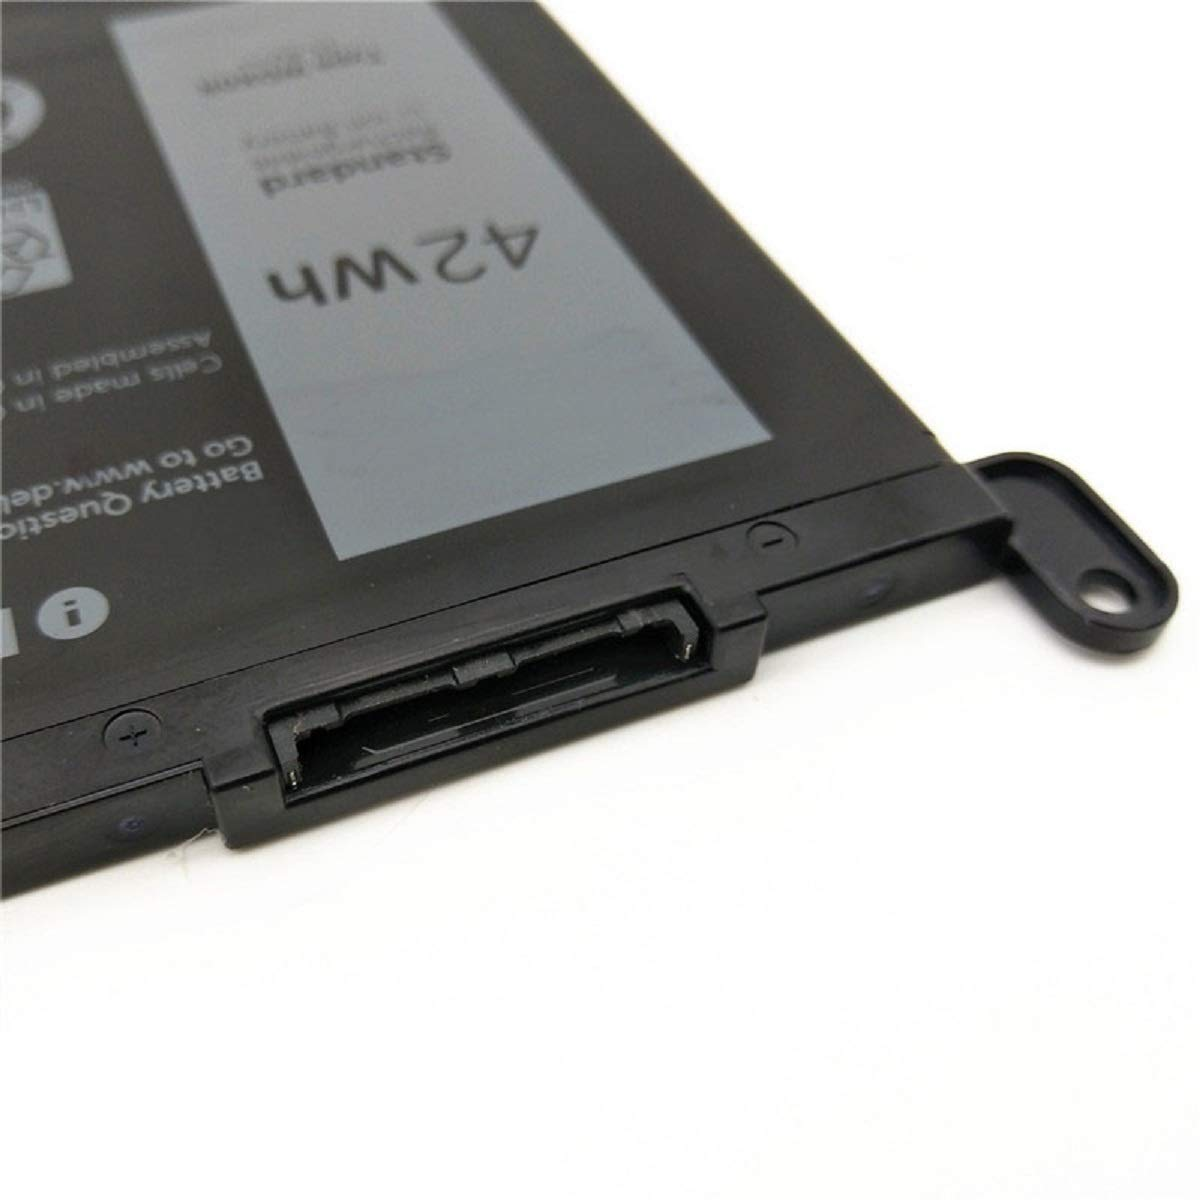 Dentsing 42Wh WDX0R Laptop Battery For DELL Inspiron 15 5568 7560 5567 / 13 7368 Series / Inspiron 13 5378 14-7460 / Dell Inspiron 17-5770 Inspiron 13 5379 Inspiron 15 7570 WDXOR by Dentsing (Image #3)